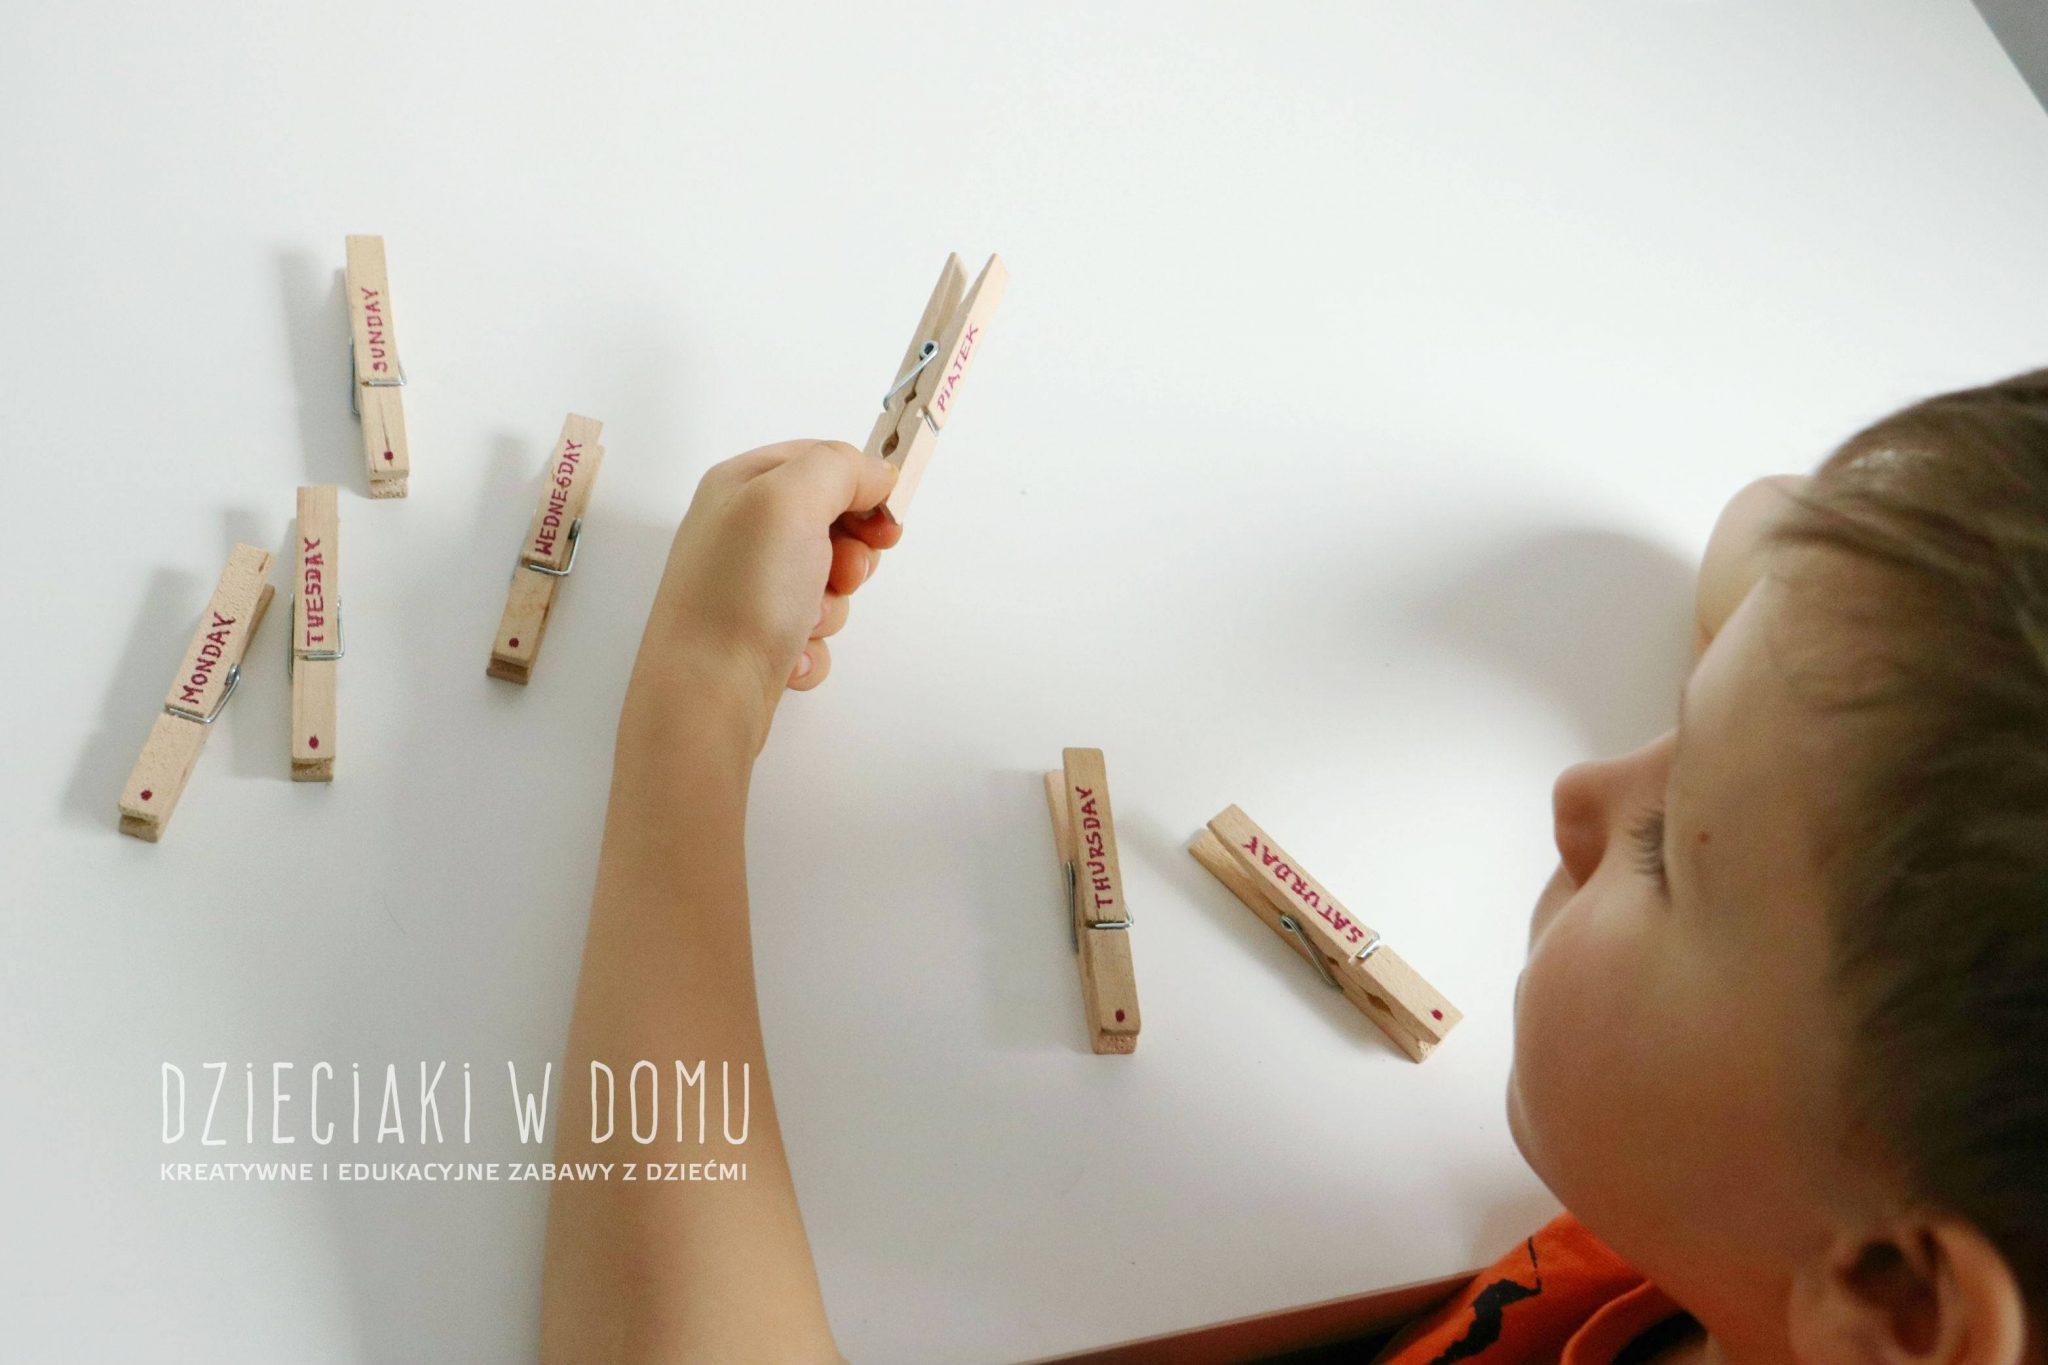 pomoc w nauce dni tygodnia po polsku i angielsku